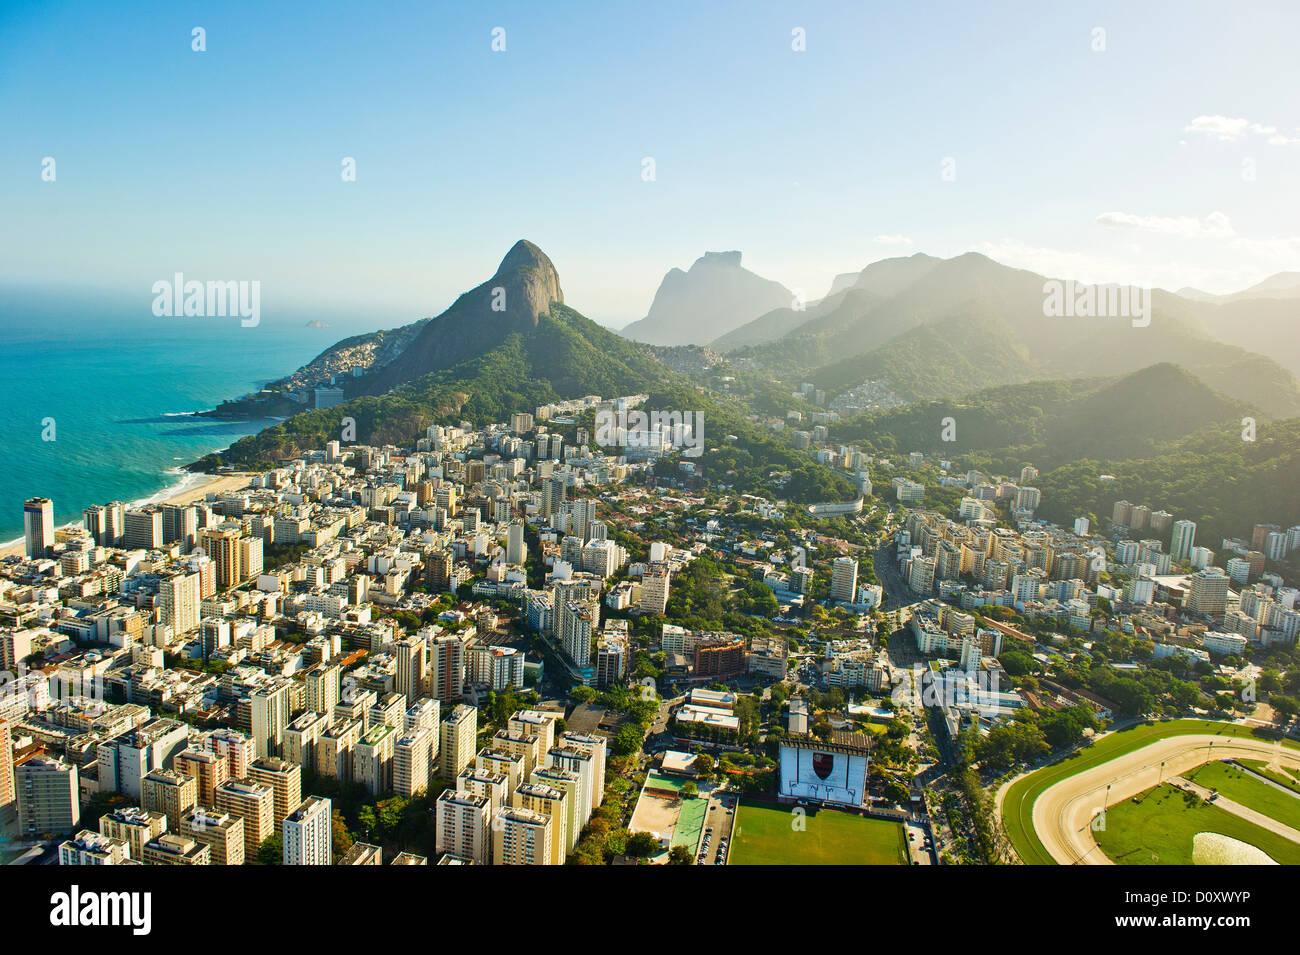 Vista aerea di Lagoa e Ipanema, a Rio de Janeiro in Brasile Immagini Stock